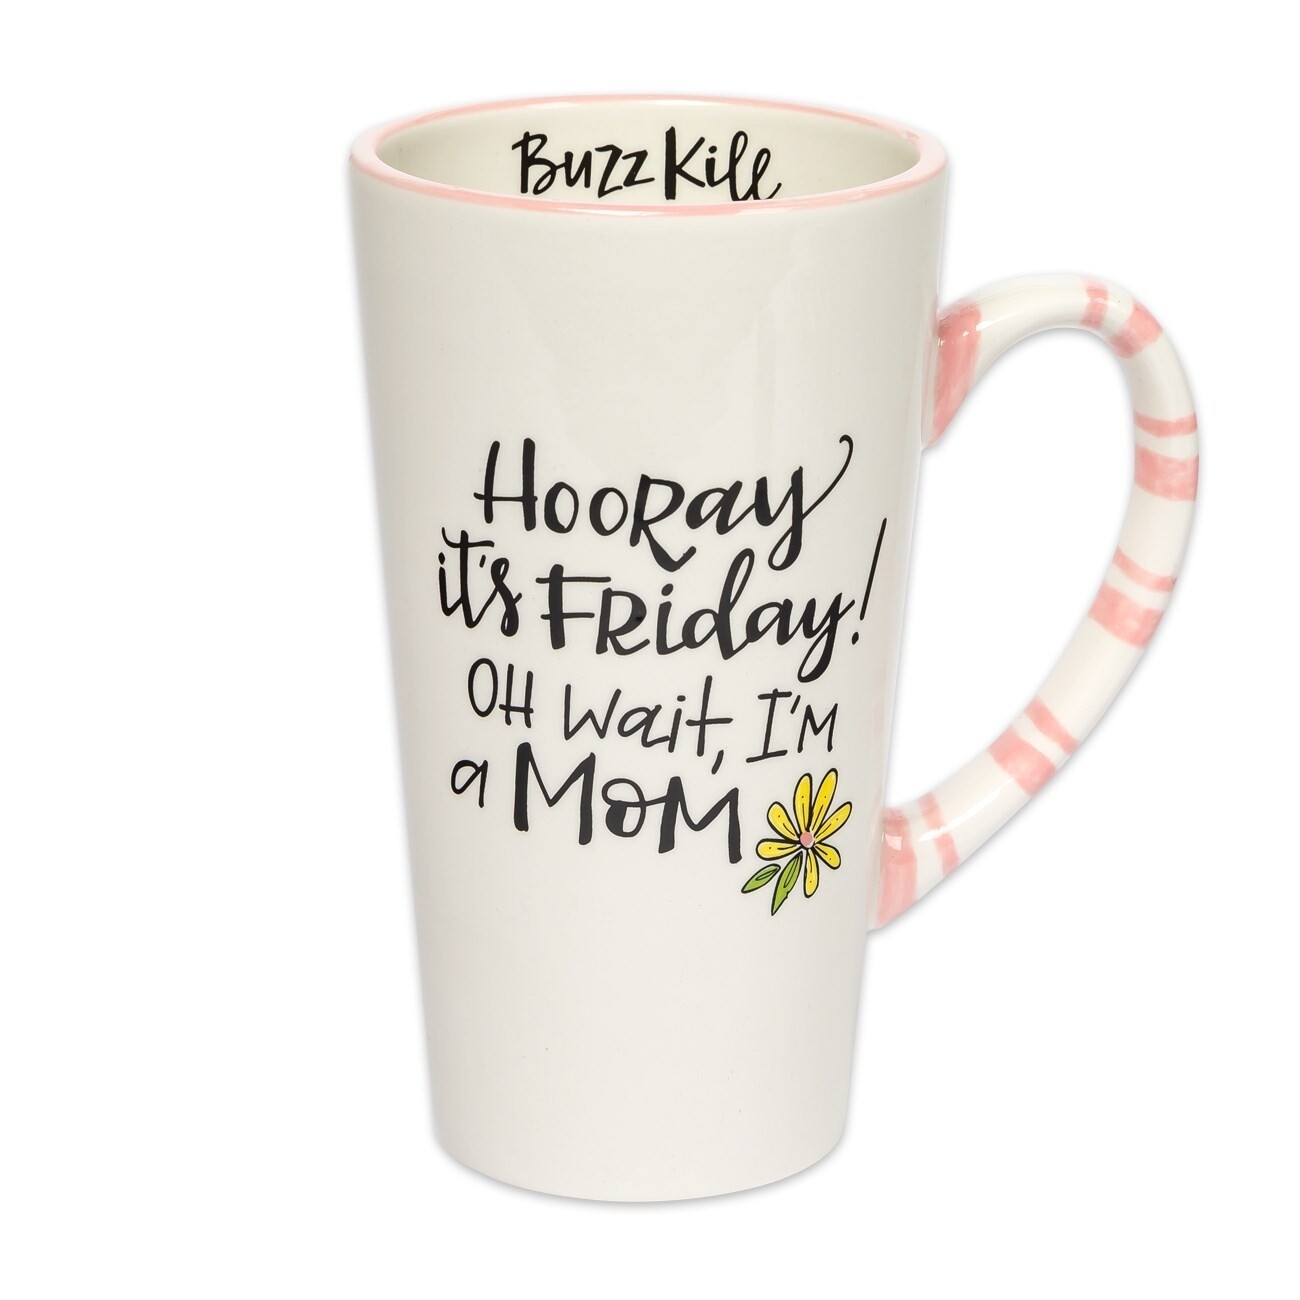 Brownlow Simply Sassy Latte Mug - I'm A Mom